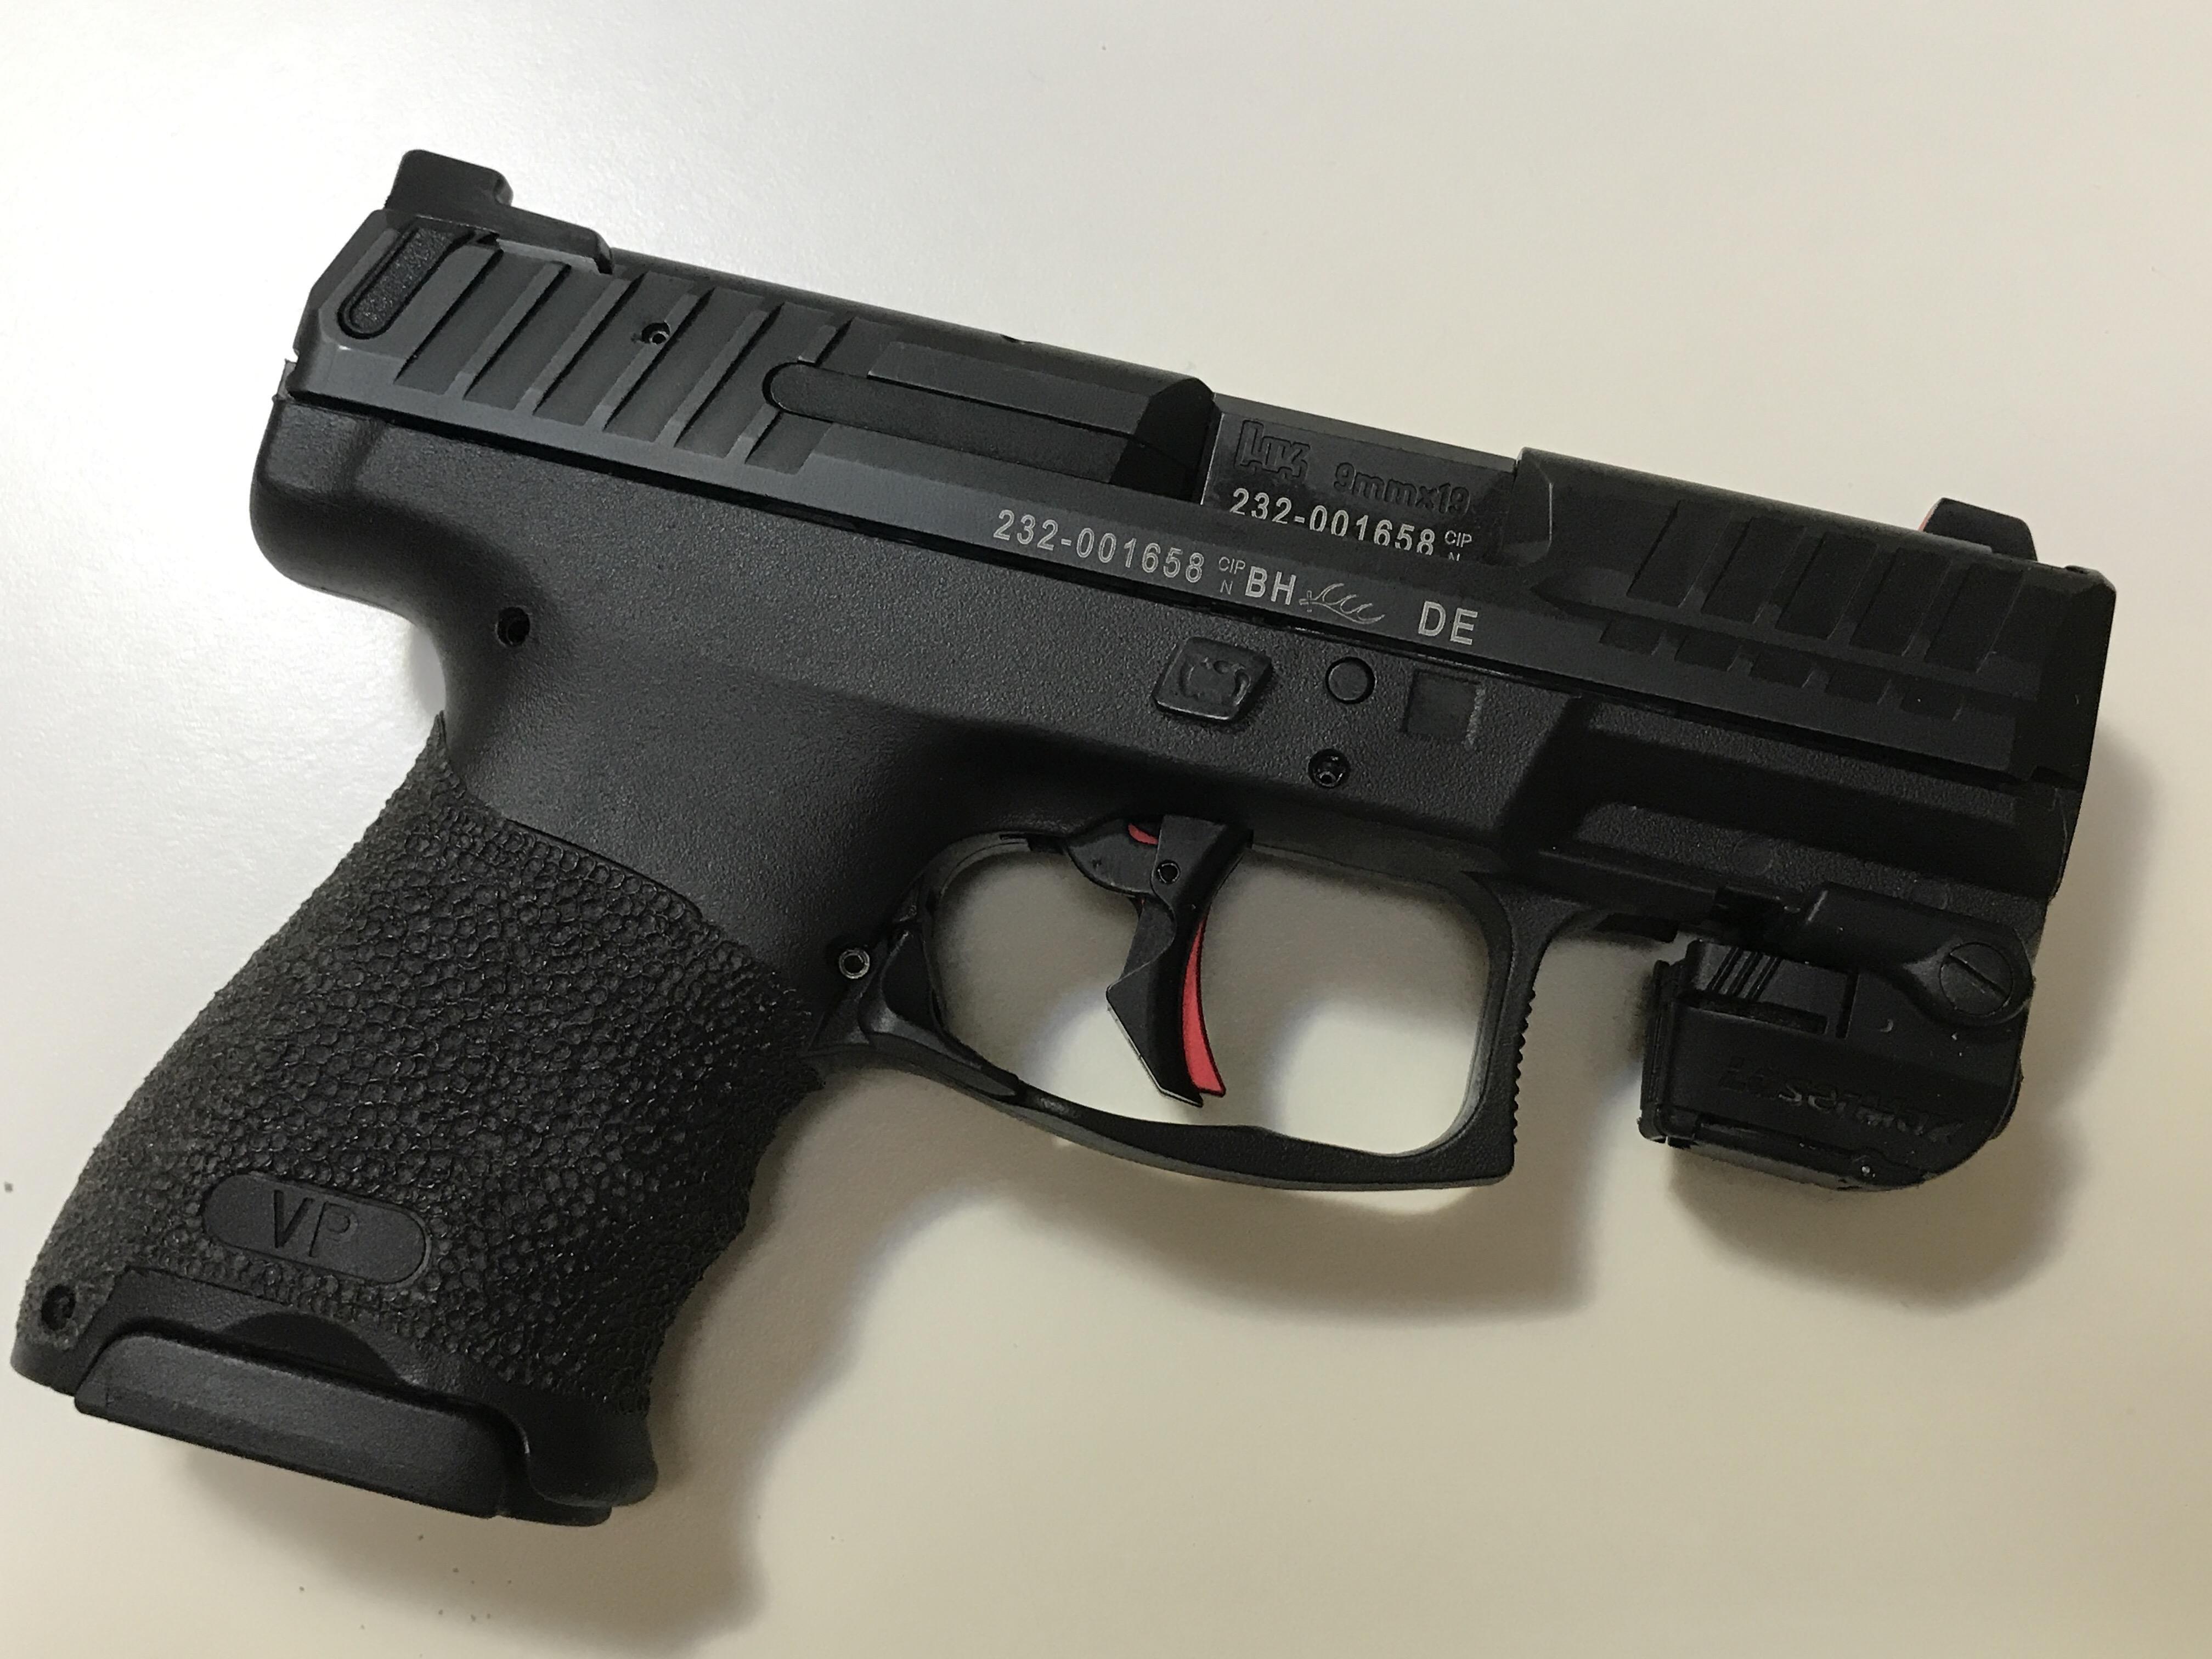 Laser for a VP9 SK-fullsizerender-30.jpg